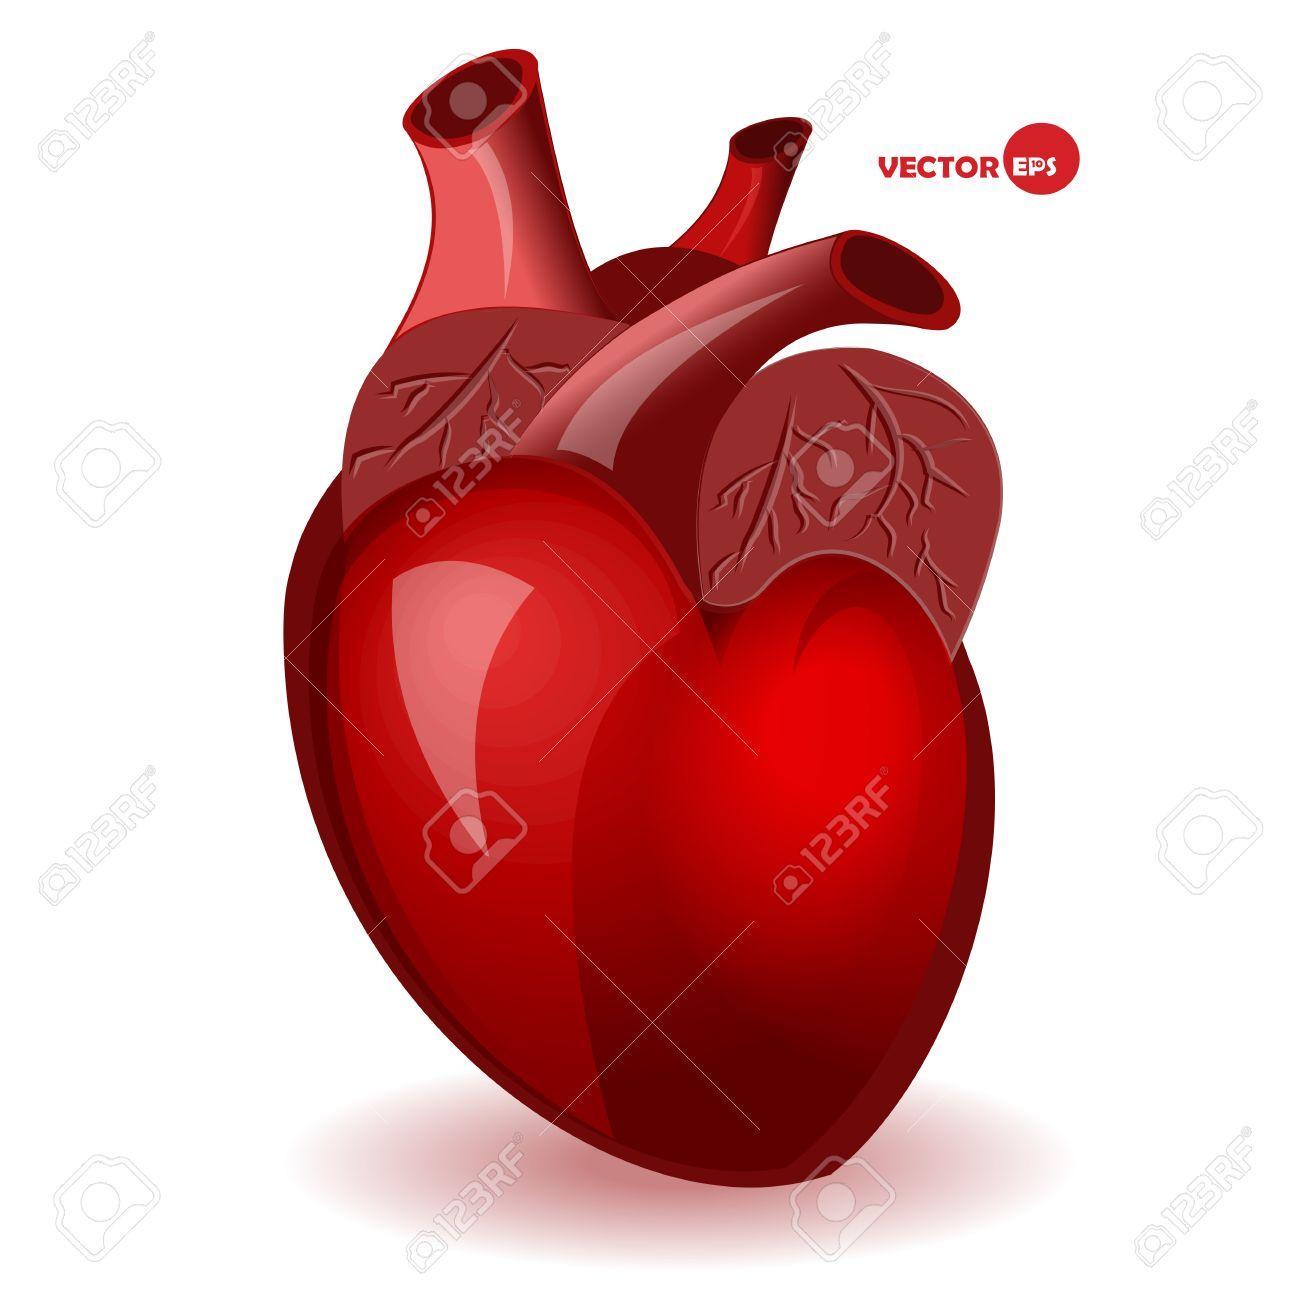 Körper Herz Mit Adern In Einem Einfachen Comic-Stil. Valentinstag ...